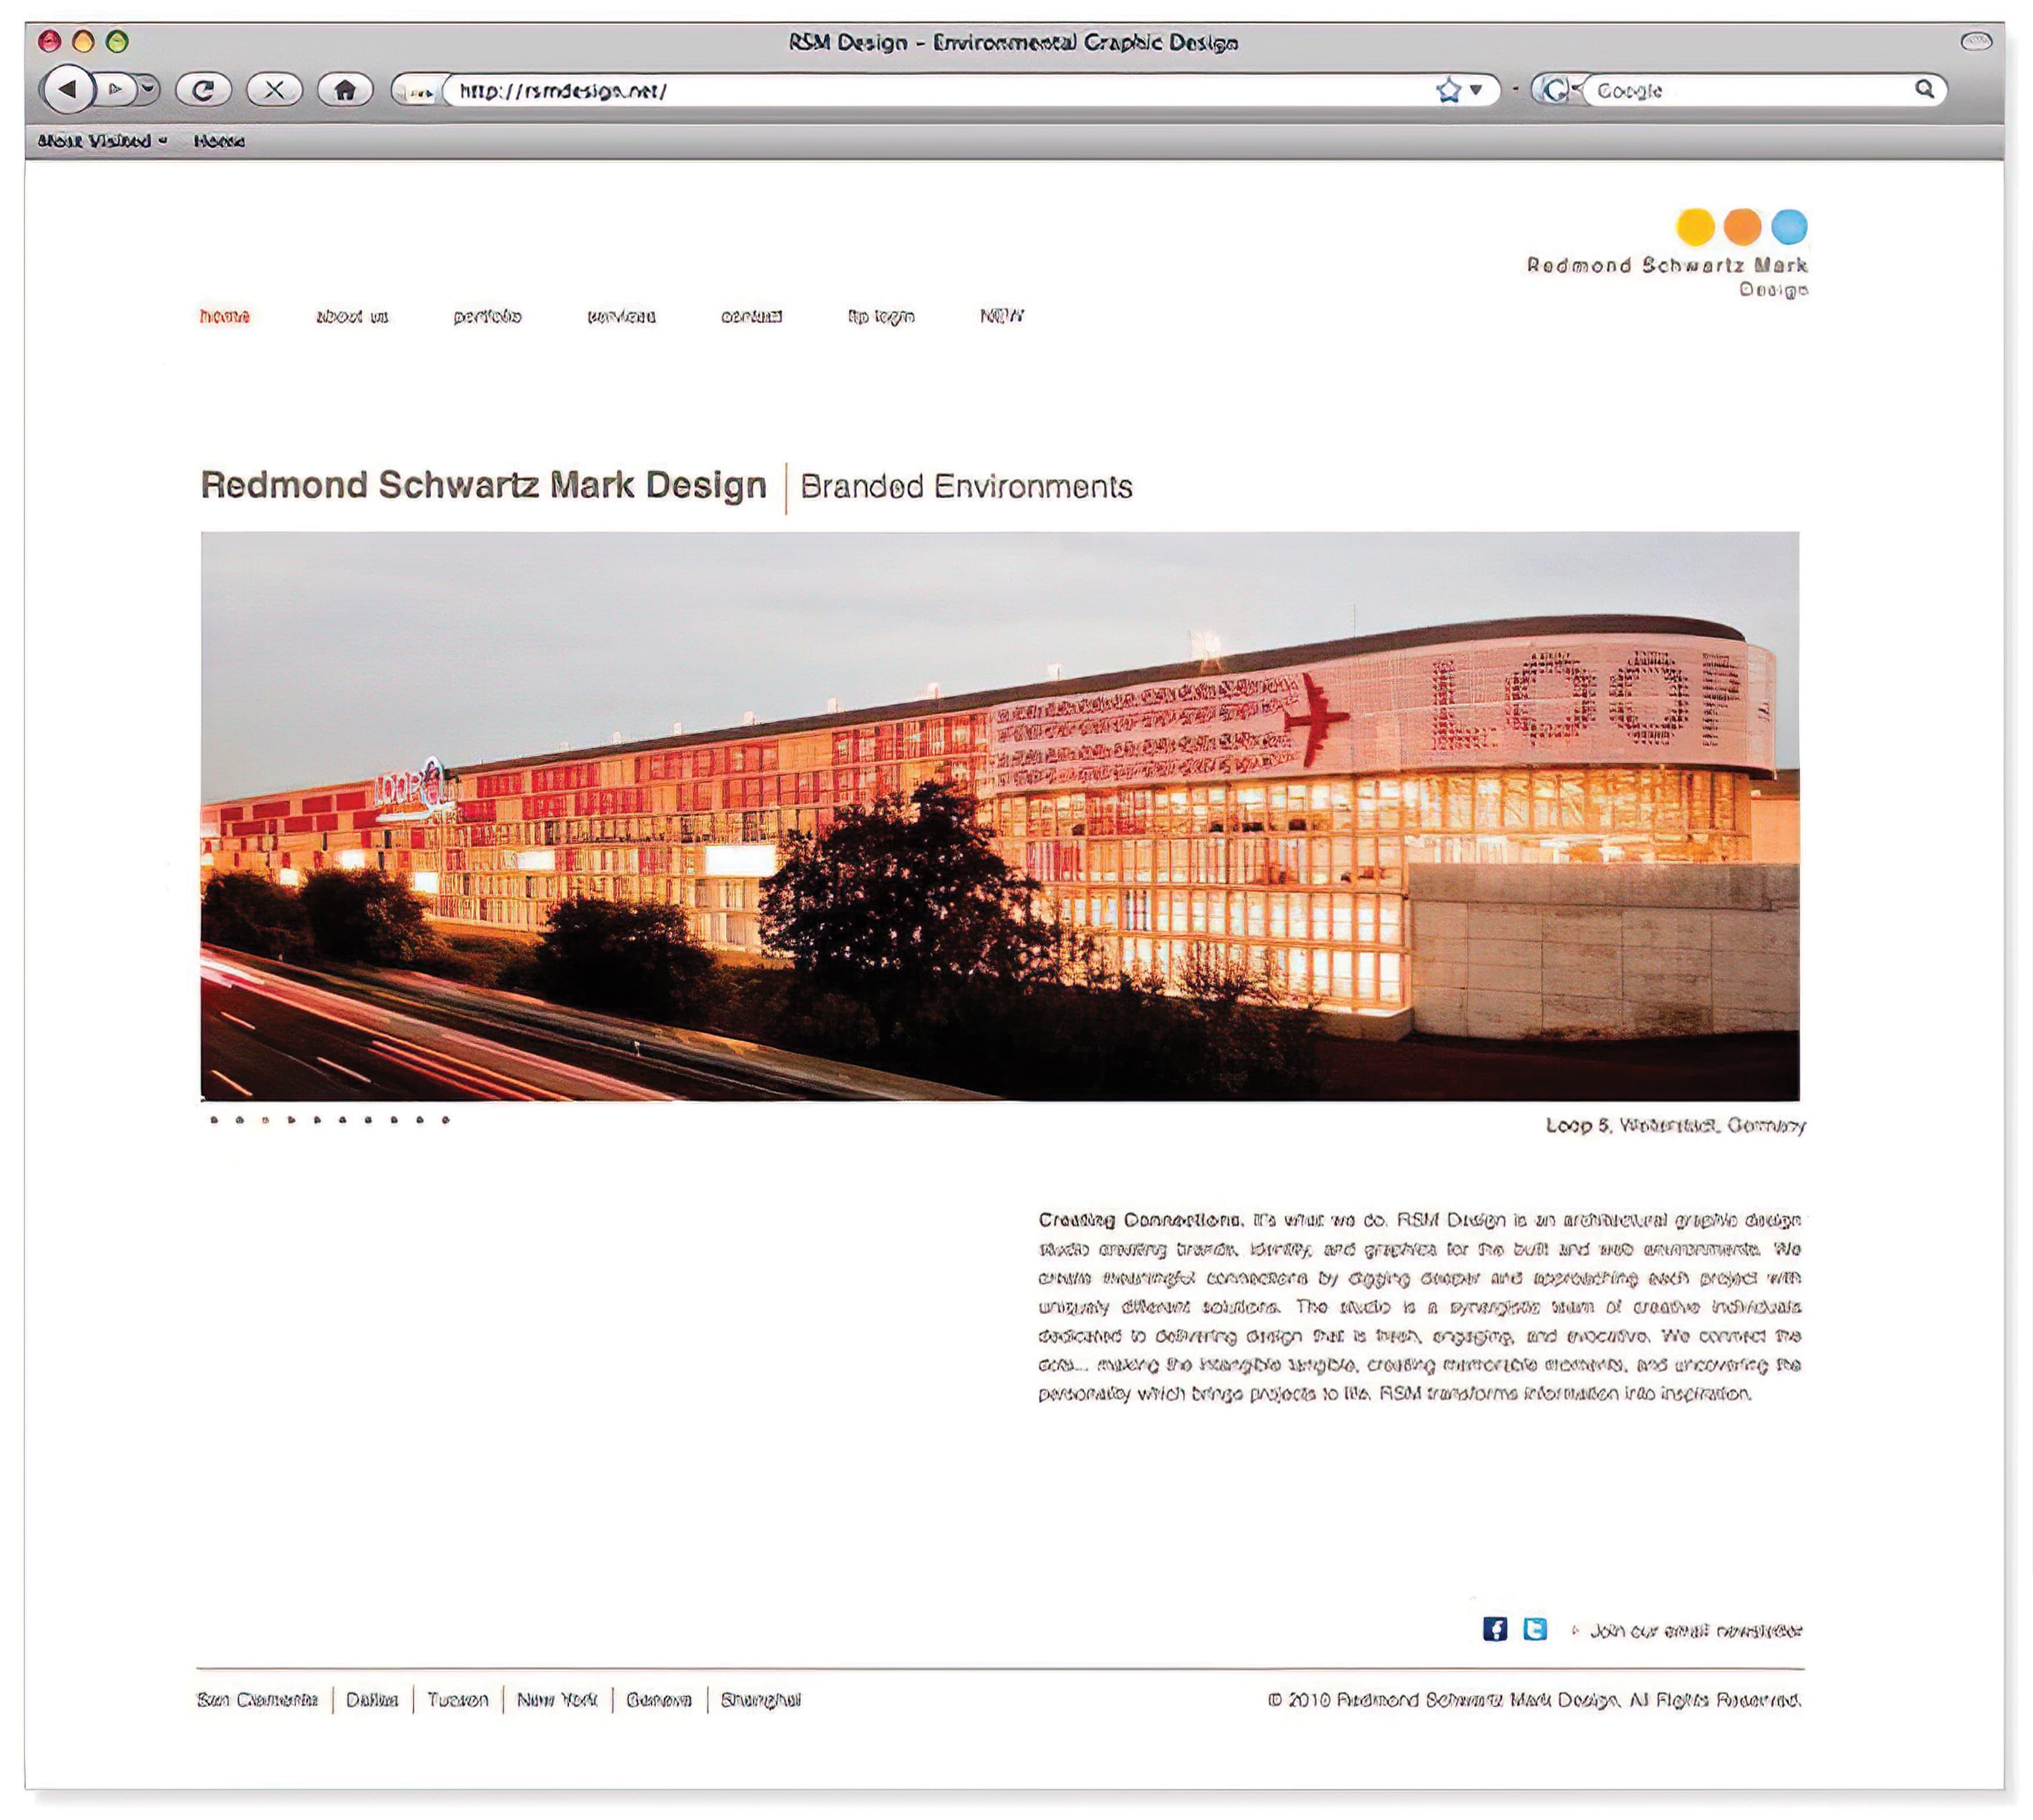 A screenshot of RSM Design's newly rebuilt website.